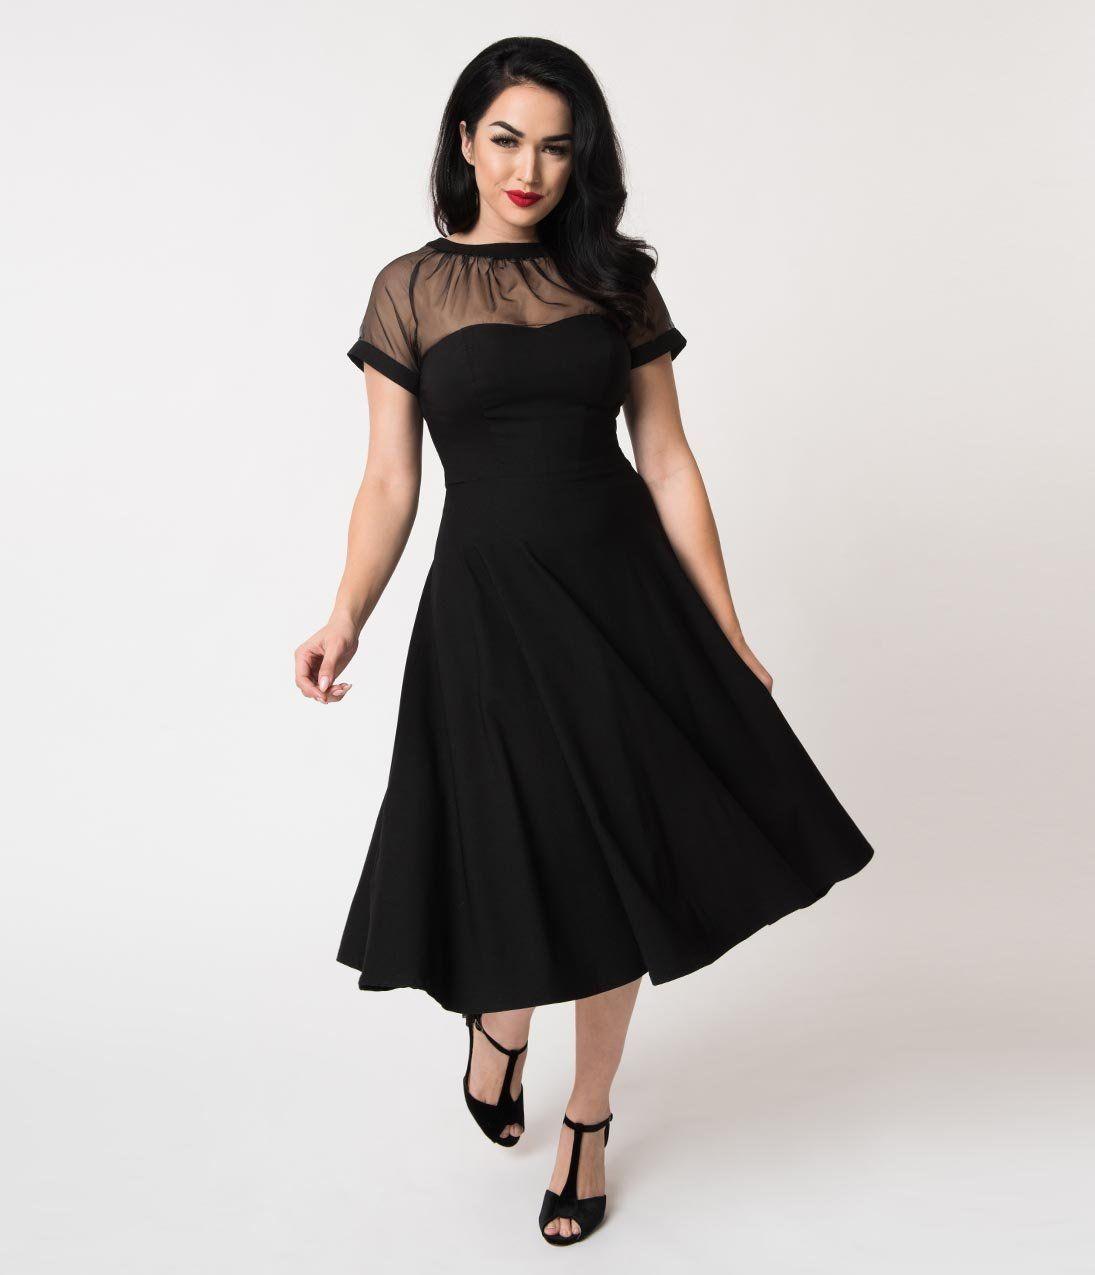 1950s Dresses 50s Dresses 1950s Style Dresses Unique Vintage 1950s Black Stretch Sheer Bodice Shirelle Swing Dres Swing Dress Unique Dresses Vintage Dresses [ 1275 x 1095 Pixel ]